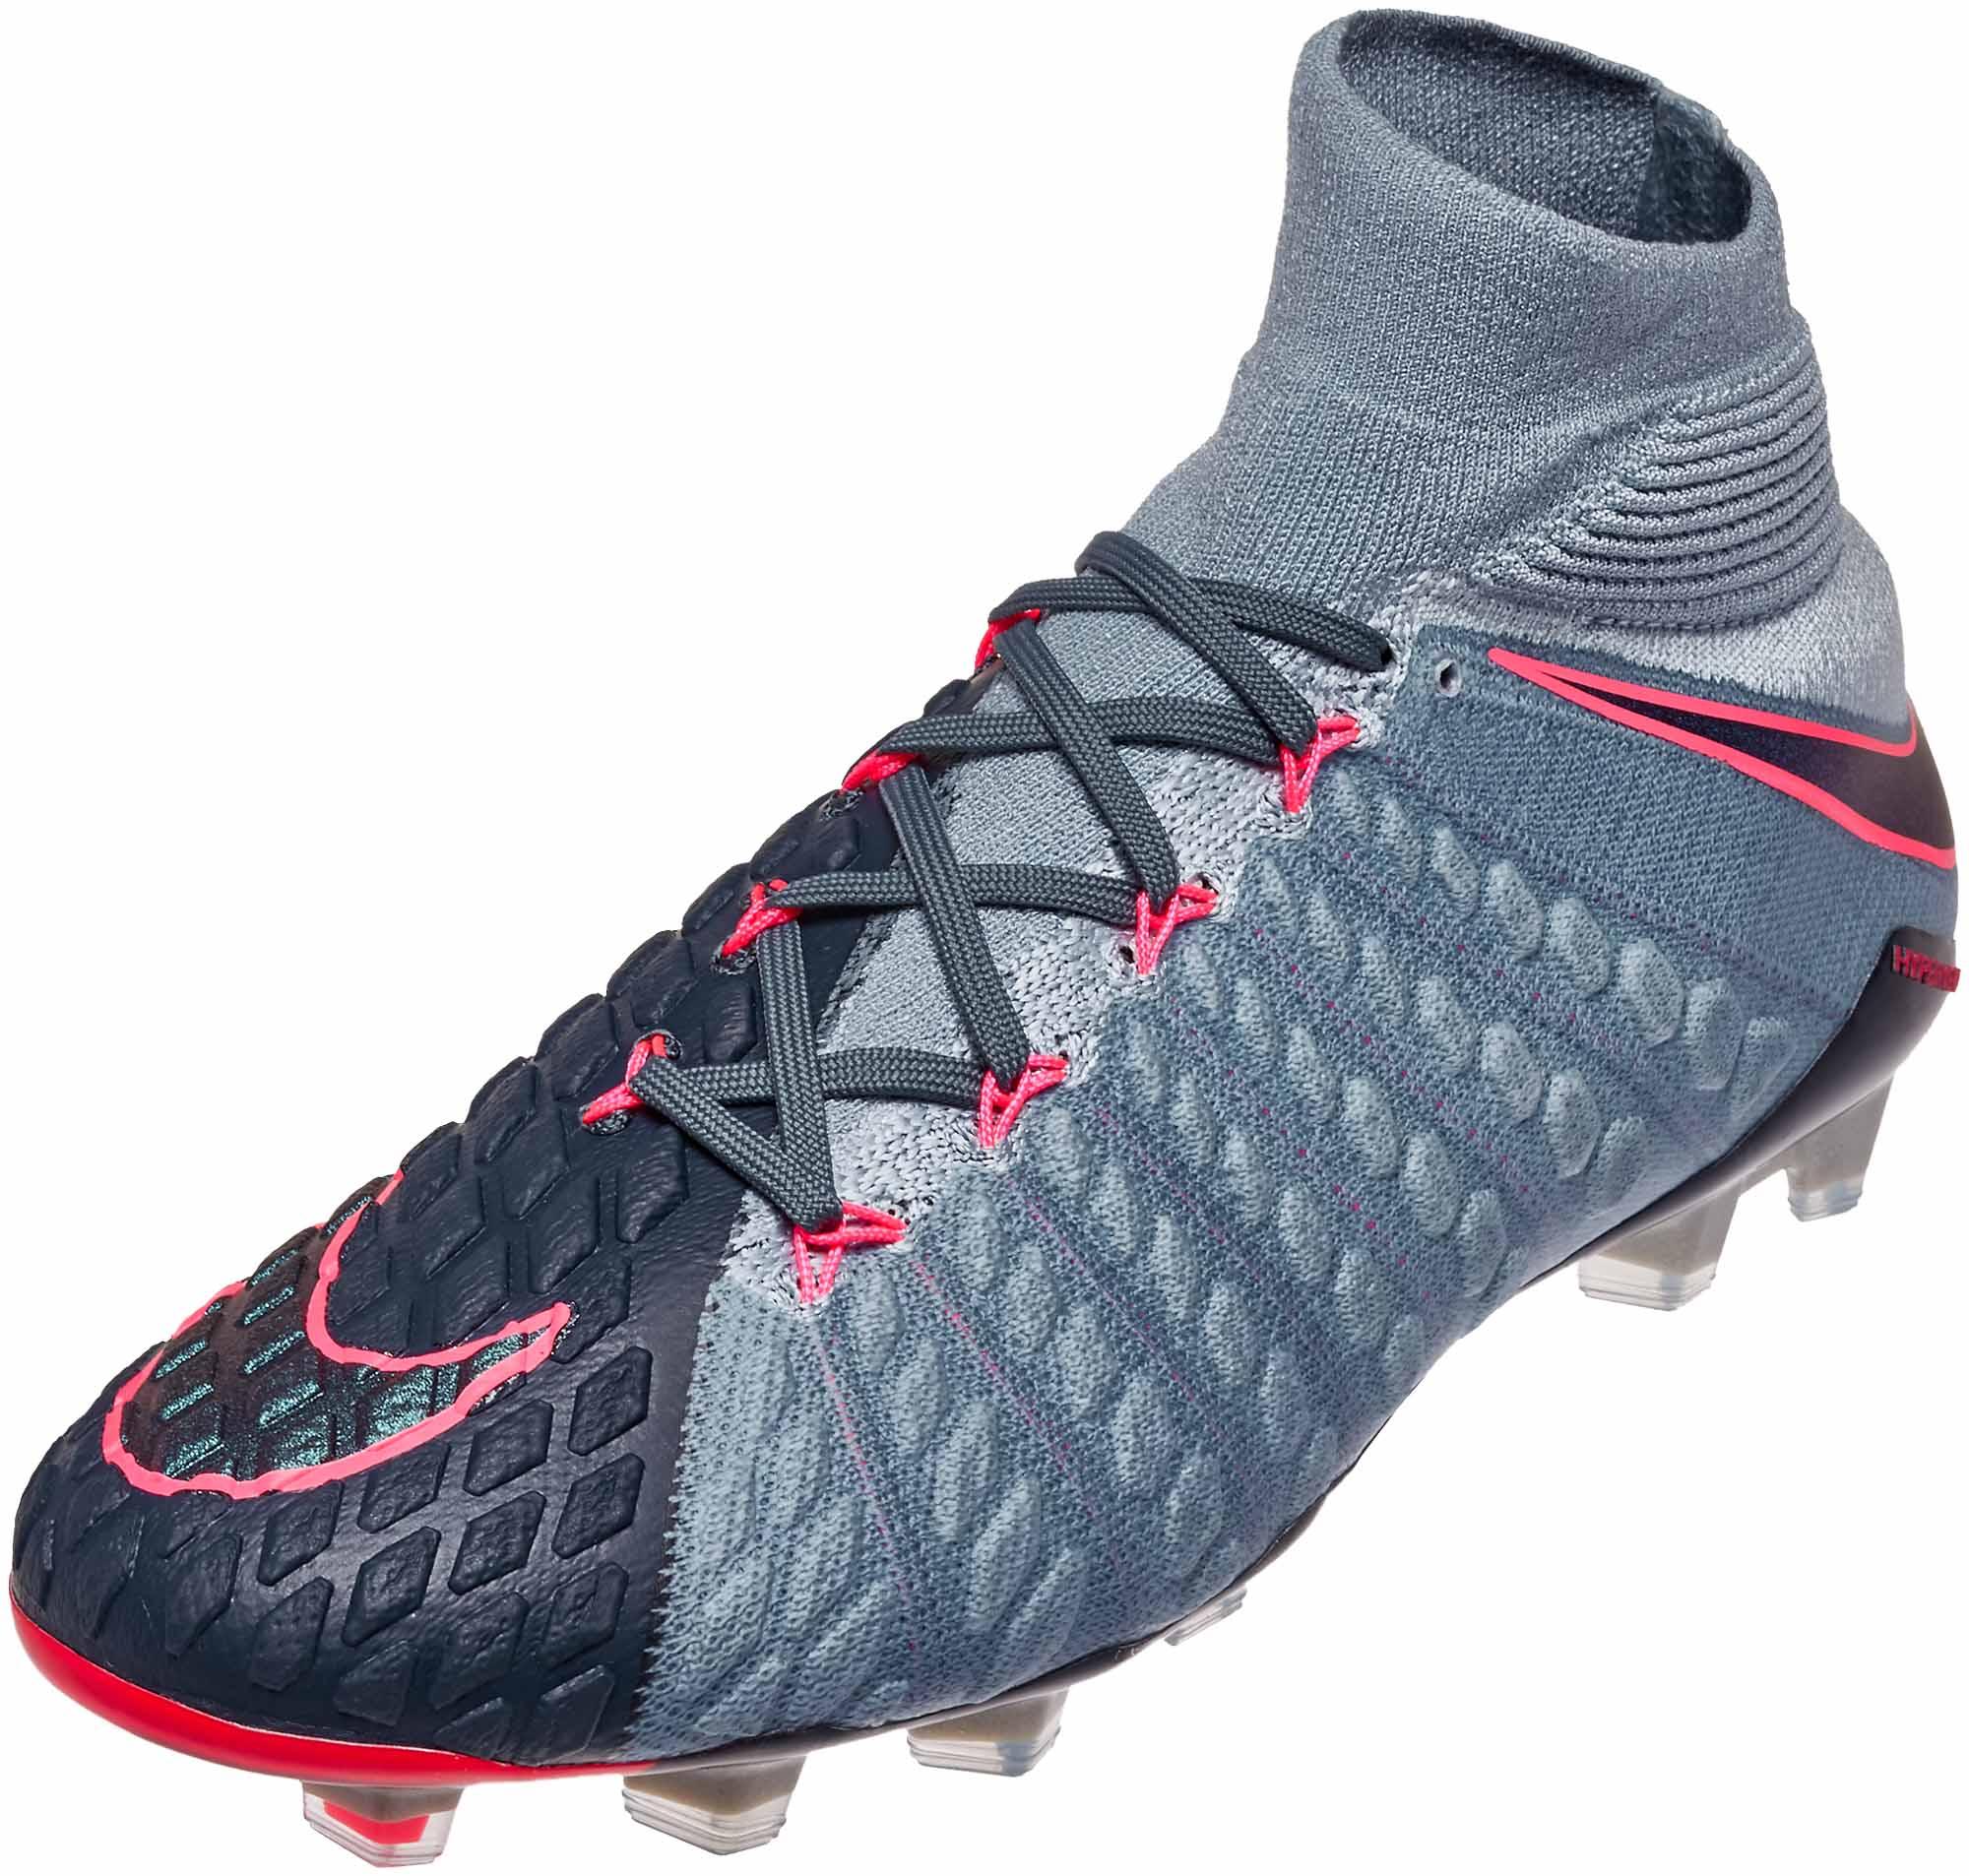 outlet store b5d19 26940 Nike Hypervenom Phantom III DF FG Soccer Cleats - Light ...